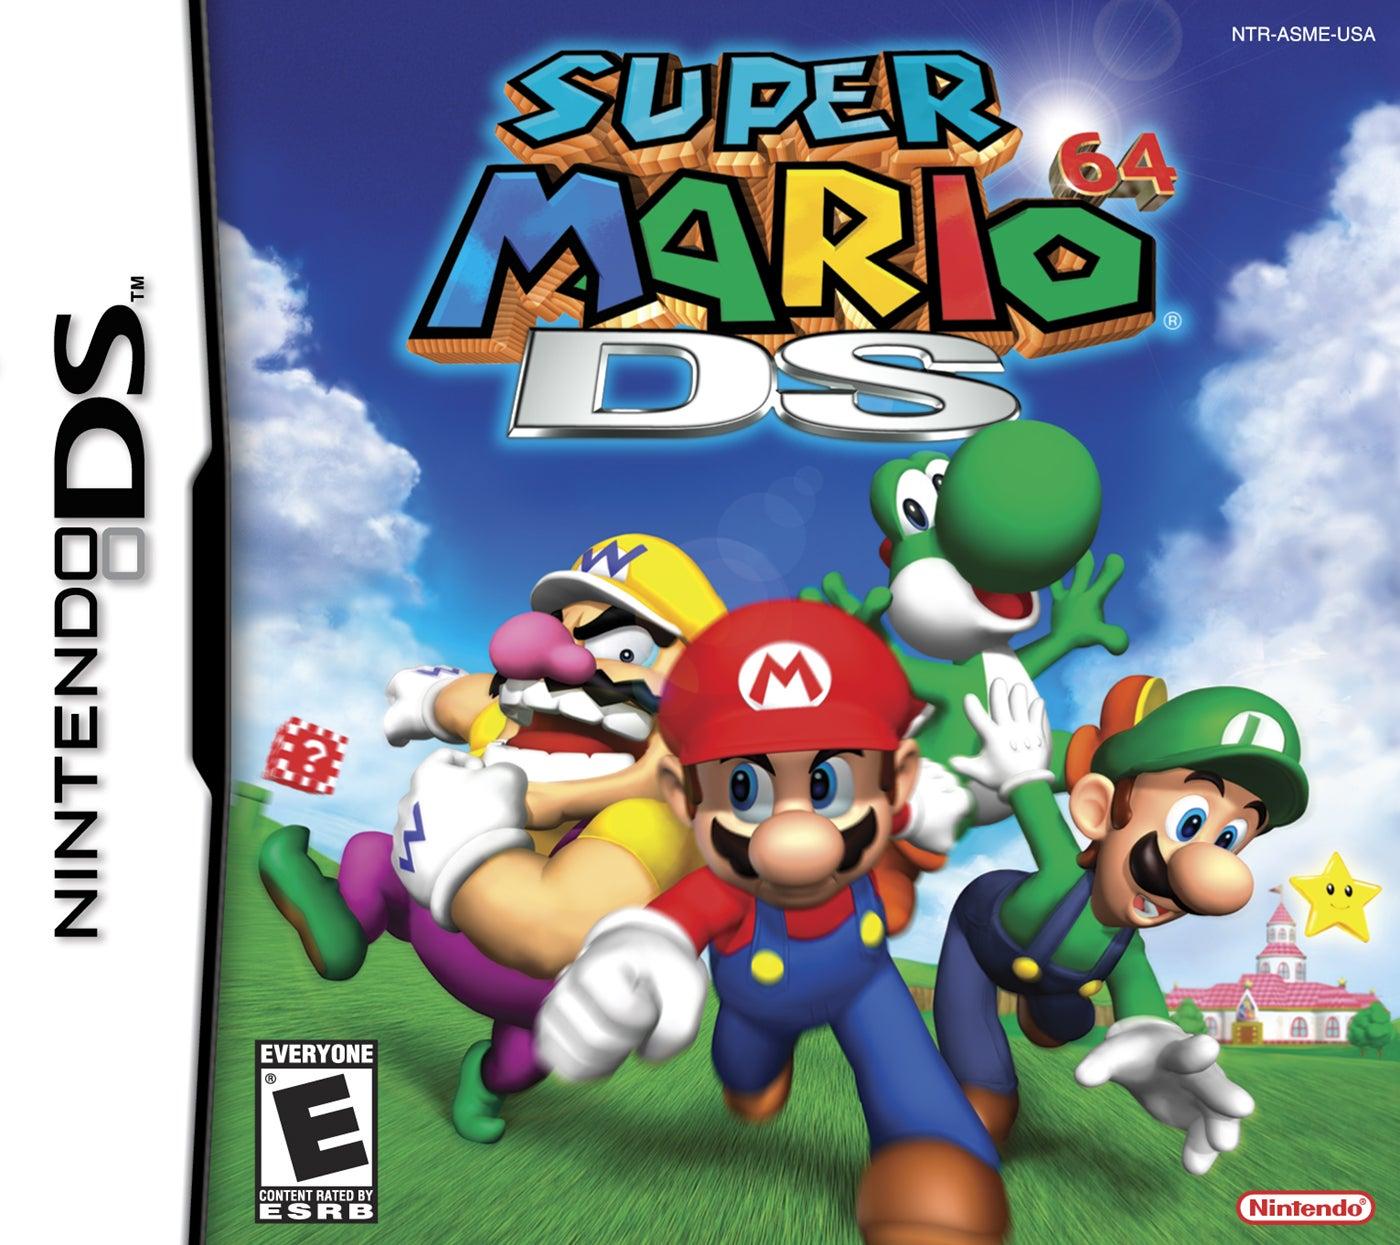 Super Mario 64 DS - Nintendo DS - IGN